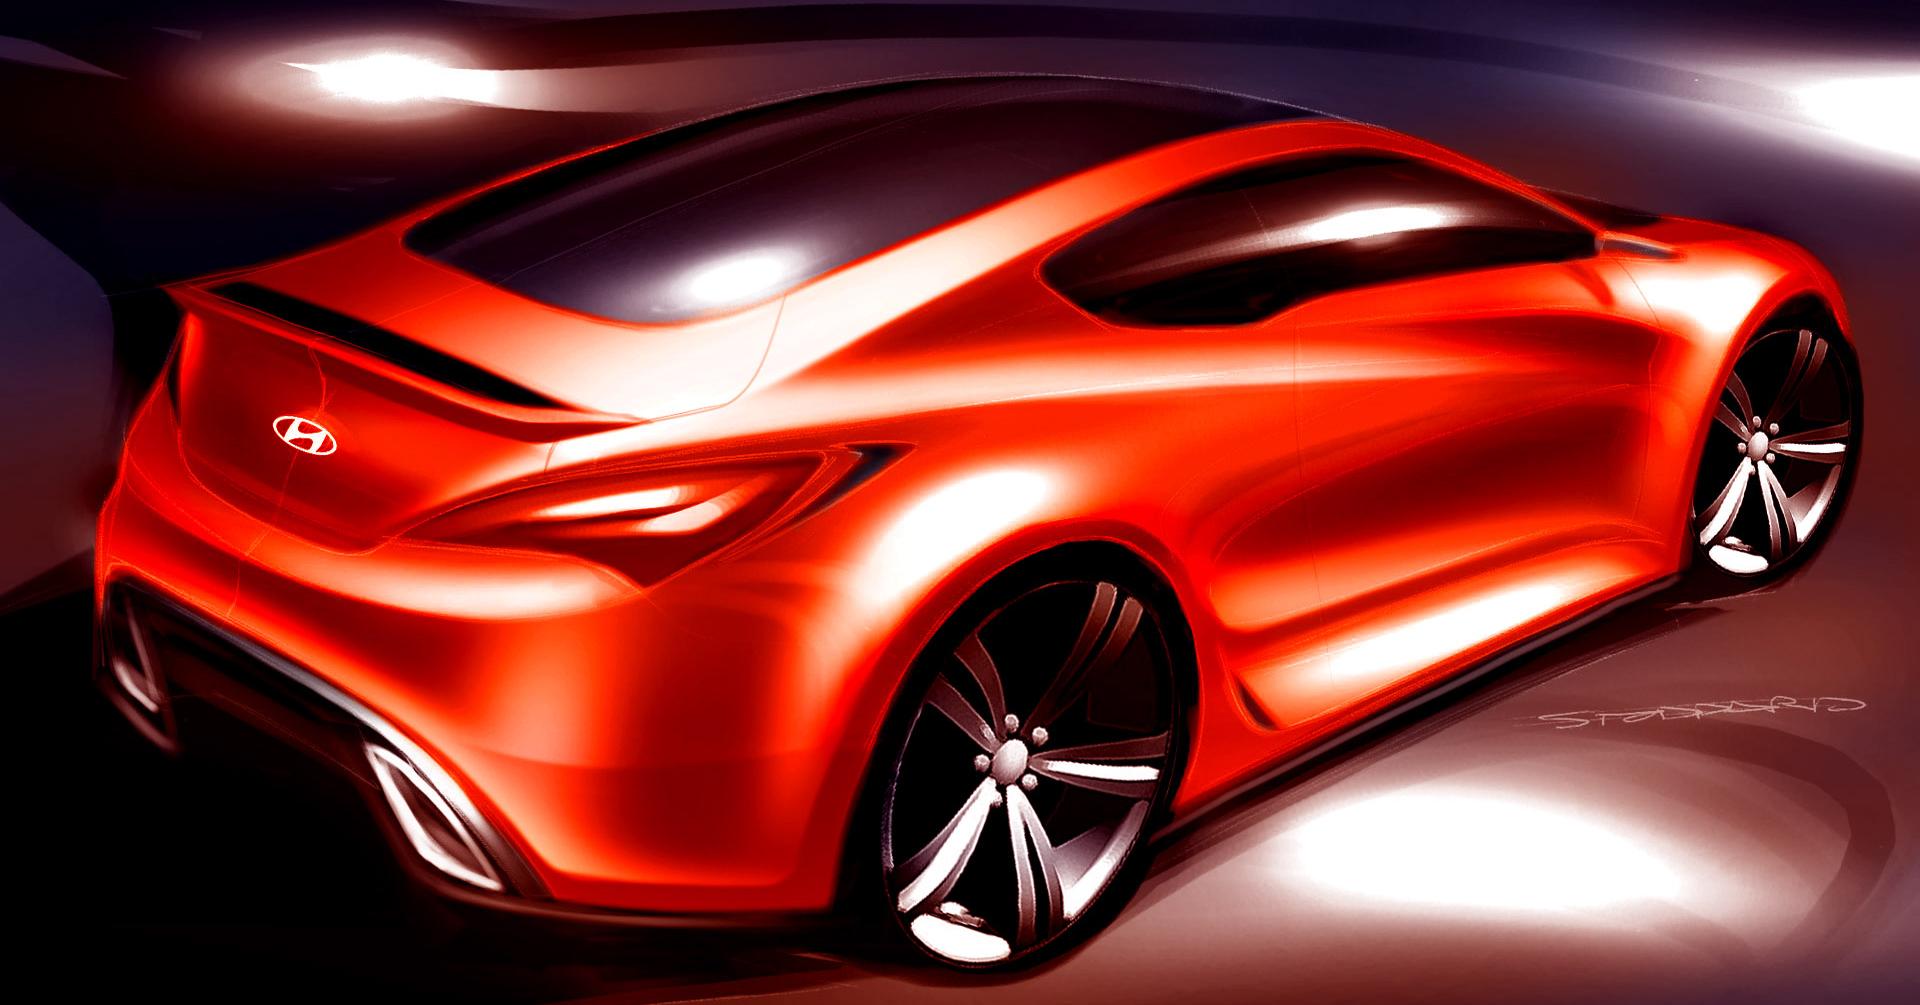 Aperçu de la Hyundai Genesis Coupe